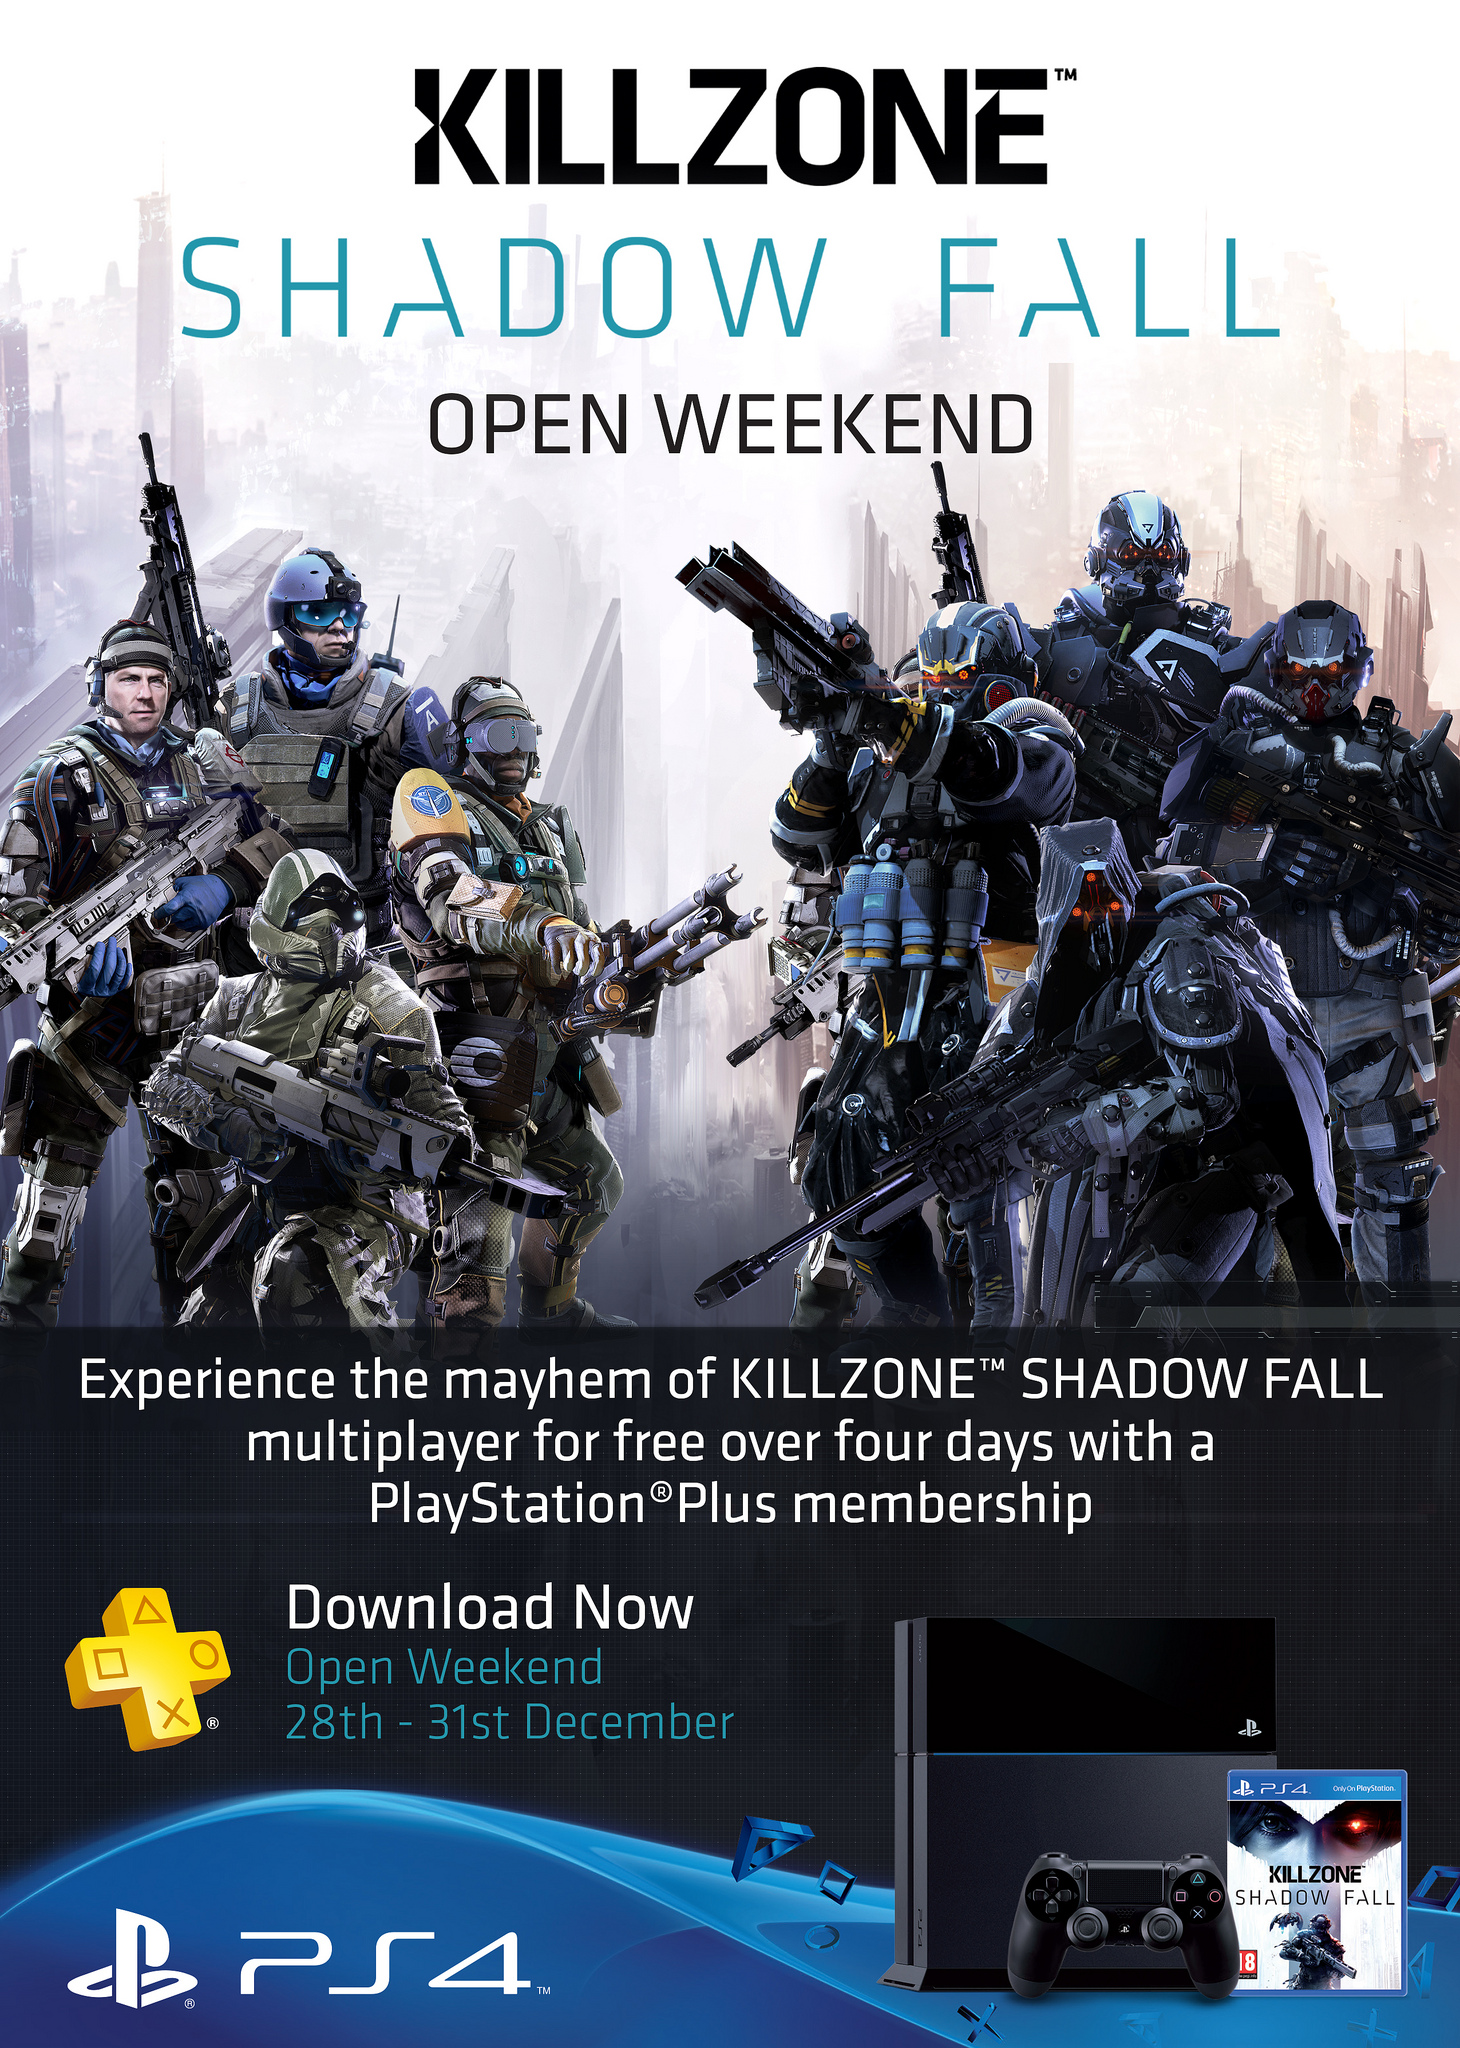 Killzone Shadow Fall MP Open Weekend